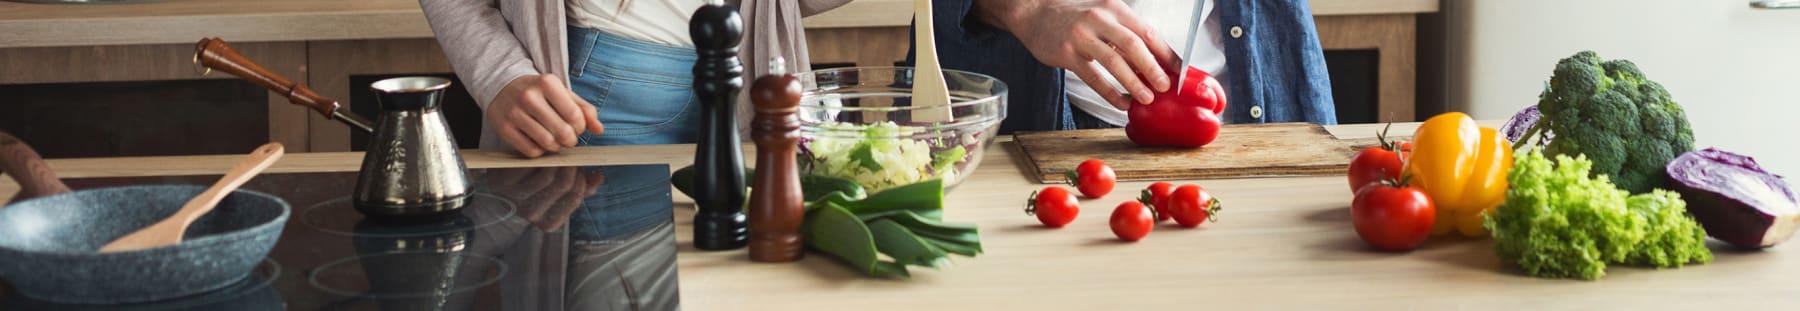 【四谷三丁目駅】キッチン付きギャラリーを検索・予約